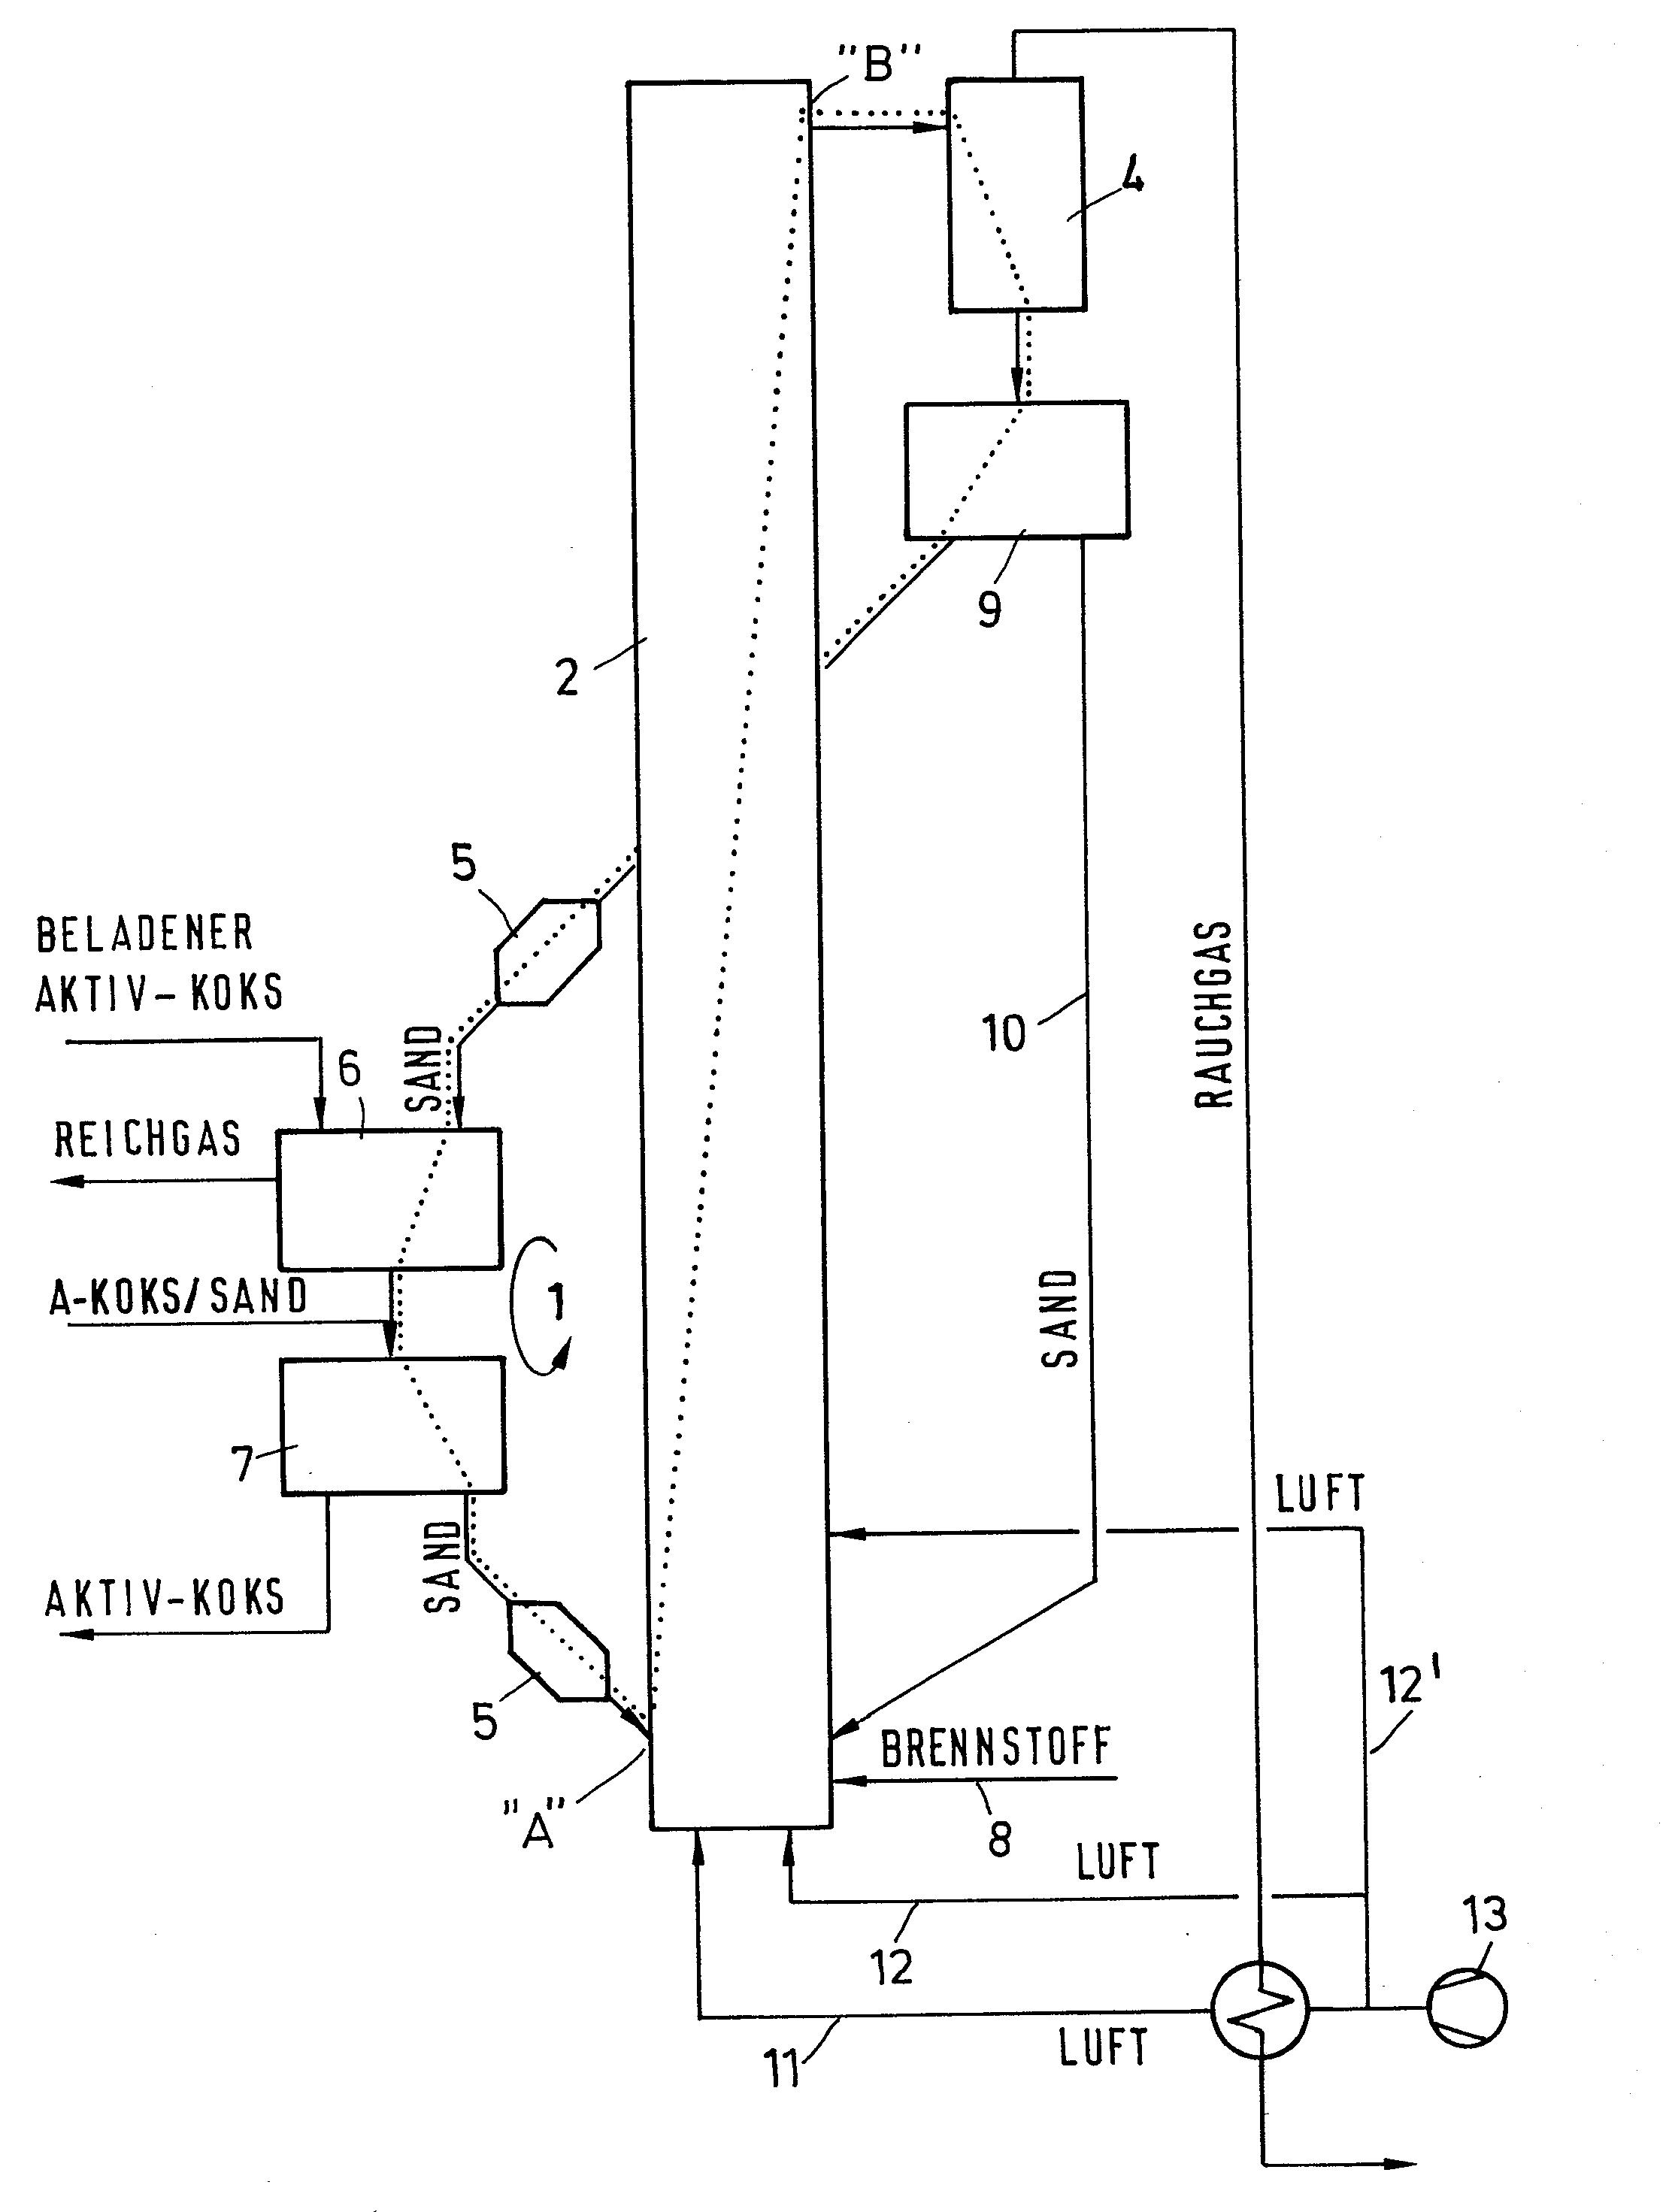 公开号 ep0106017 a2 发布类型 申请  专利申请号 ep19830105901